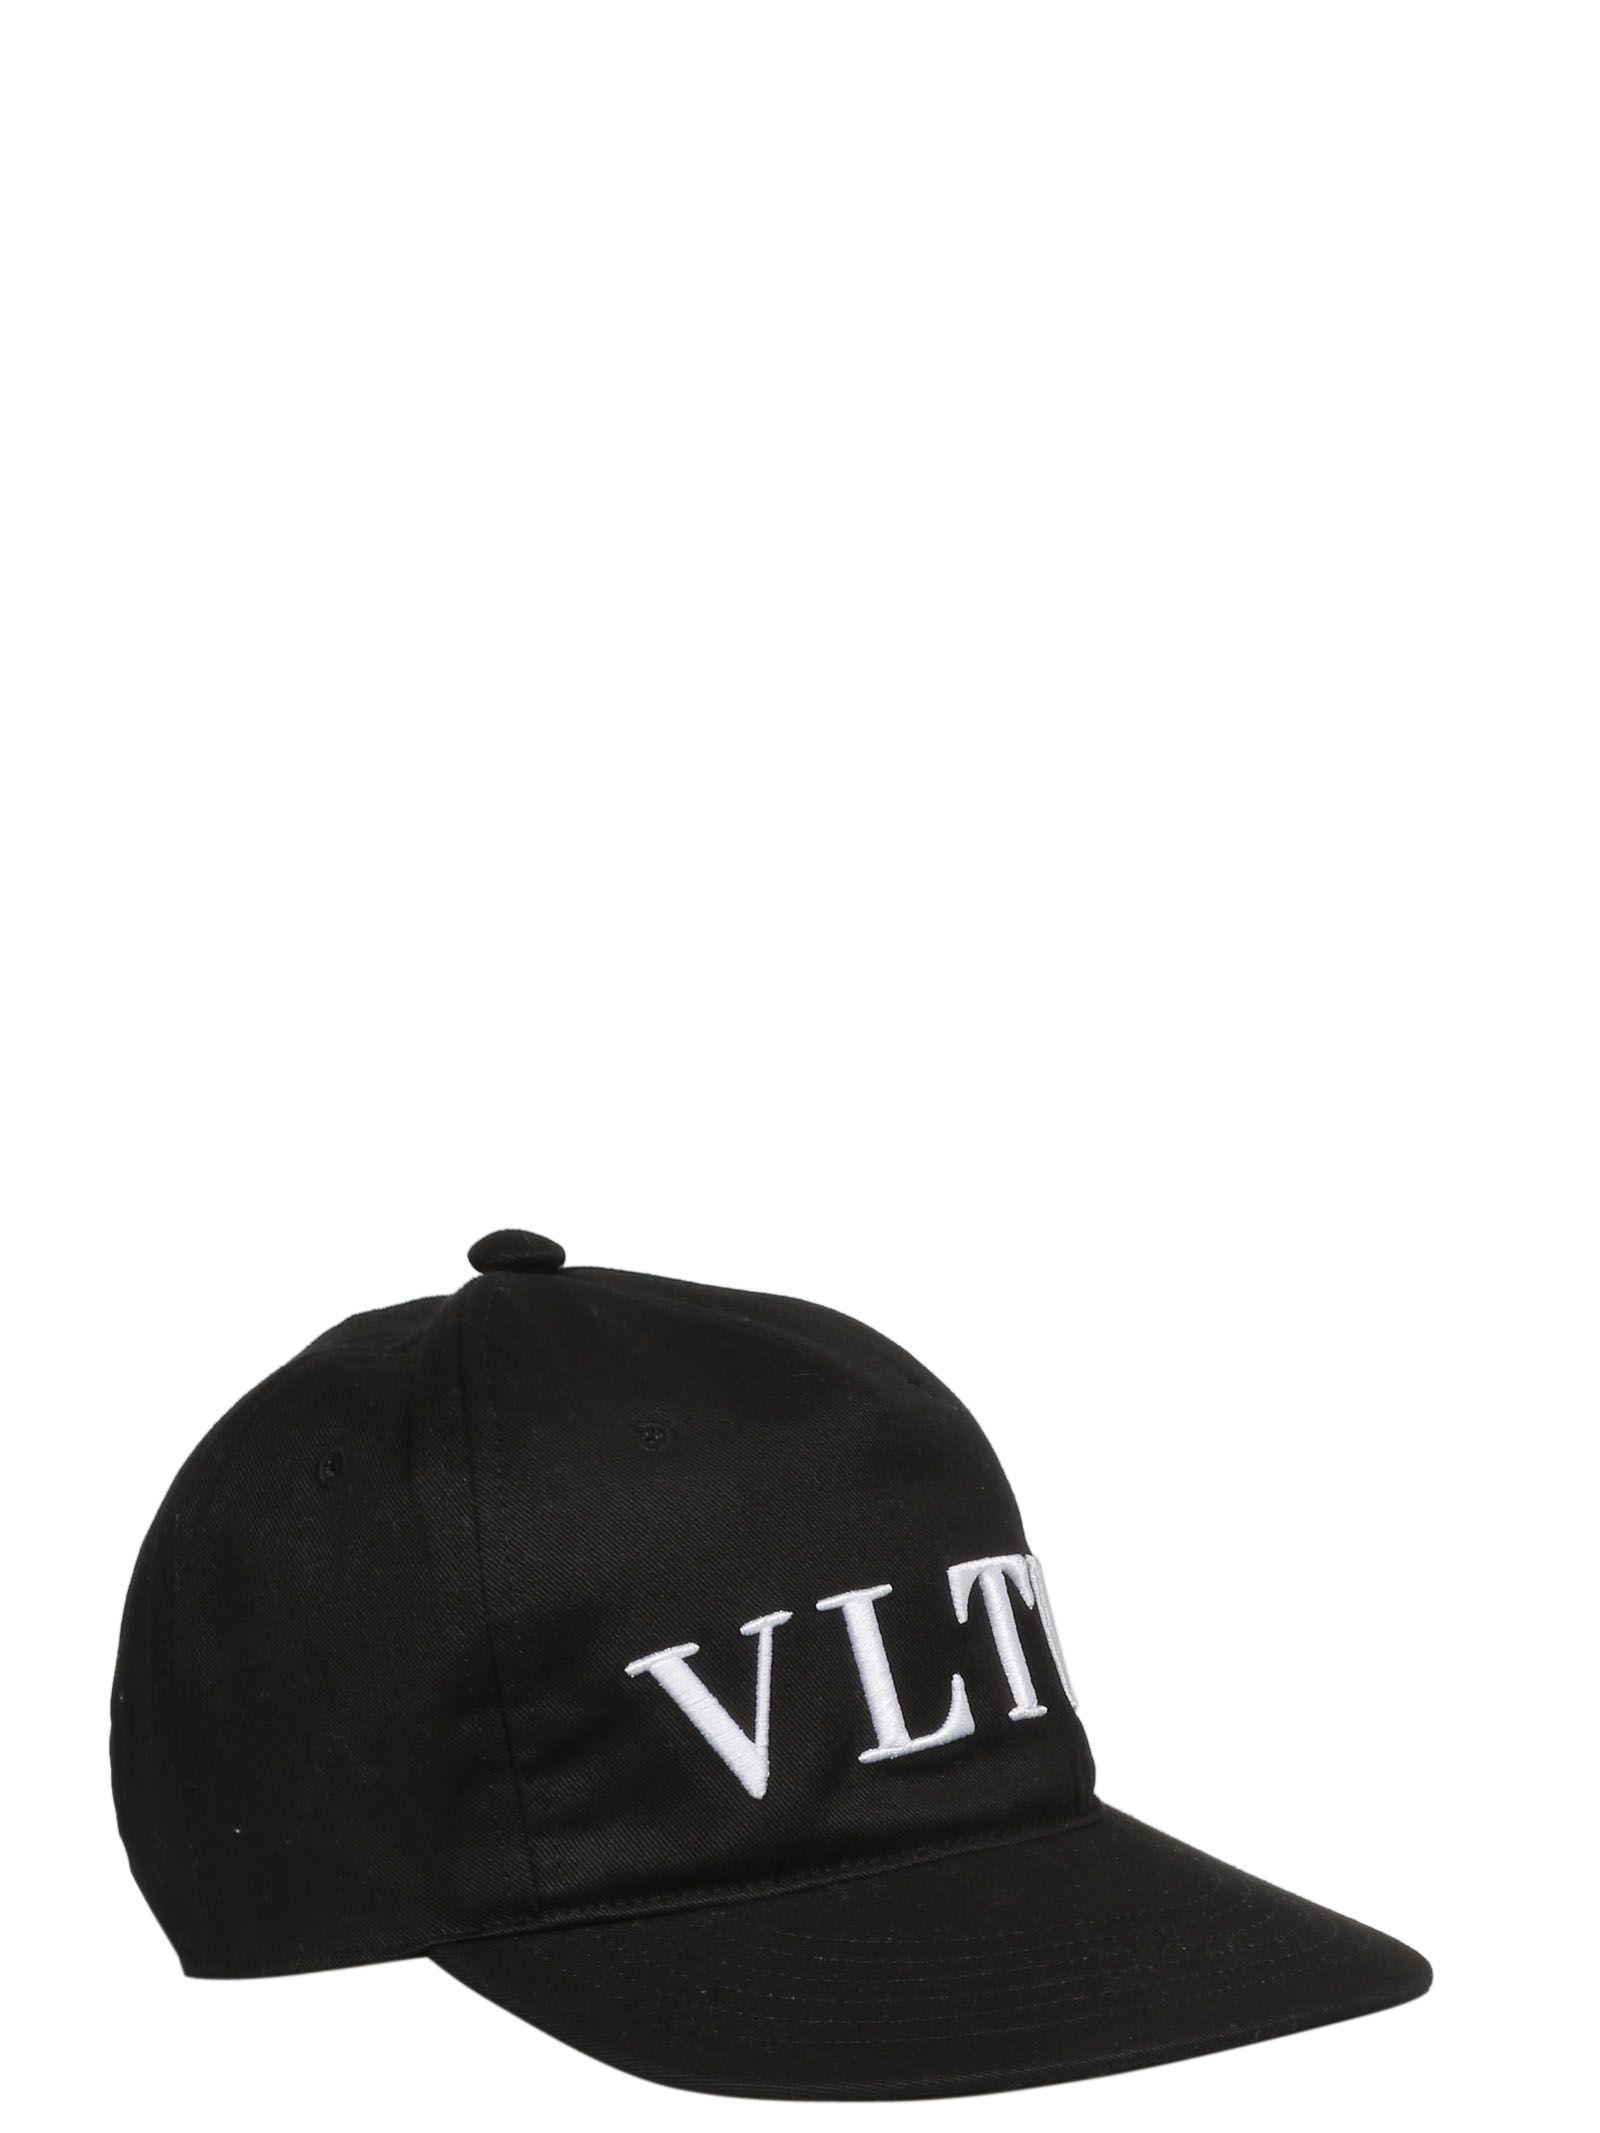 bb7cb5d671f Valentino Garavani Valentino Garavani Vltn Logo Baseball Cap - No ...